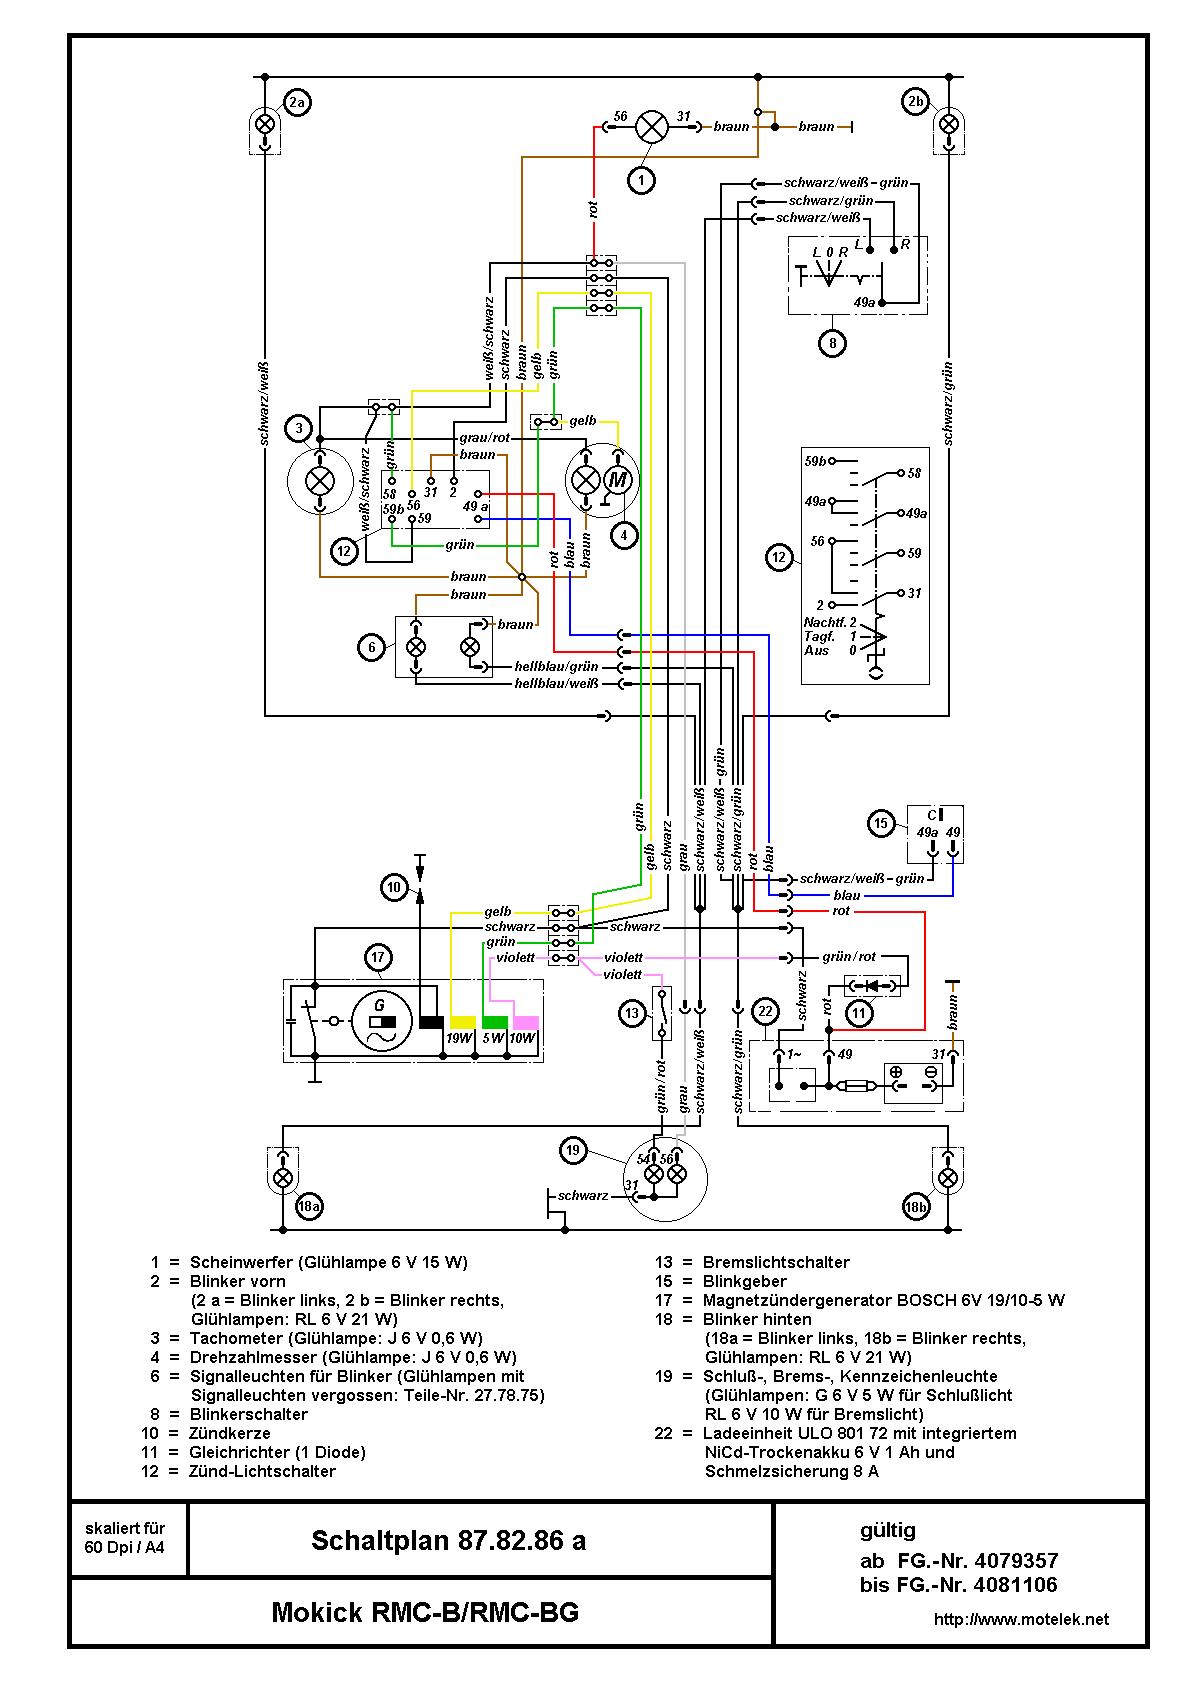 Gemütlich Furt Blinker Schaltplan Galerie - Elektrische Schaltplan ...